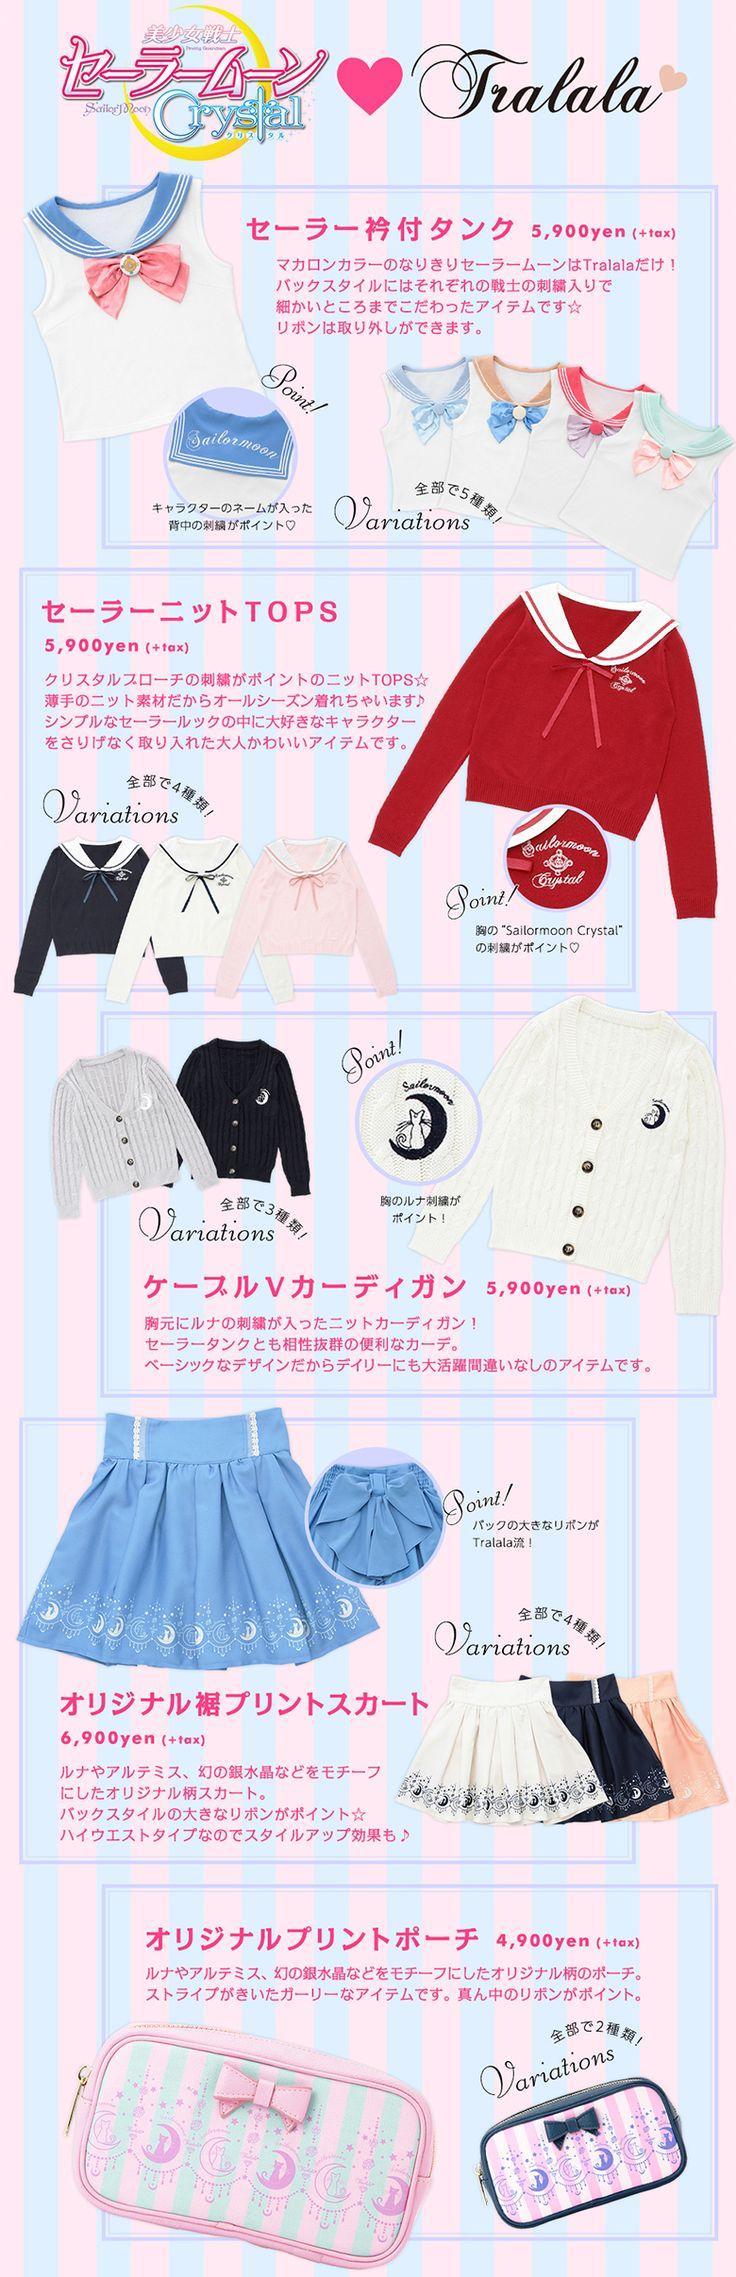 """""""sailor moon crystal"""" """"sailor moon"""" """"sailor moon merchandise"""" tralala fashion apparel japan kawaii shop 2015"""